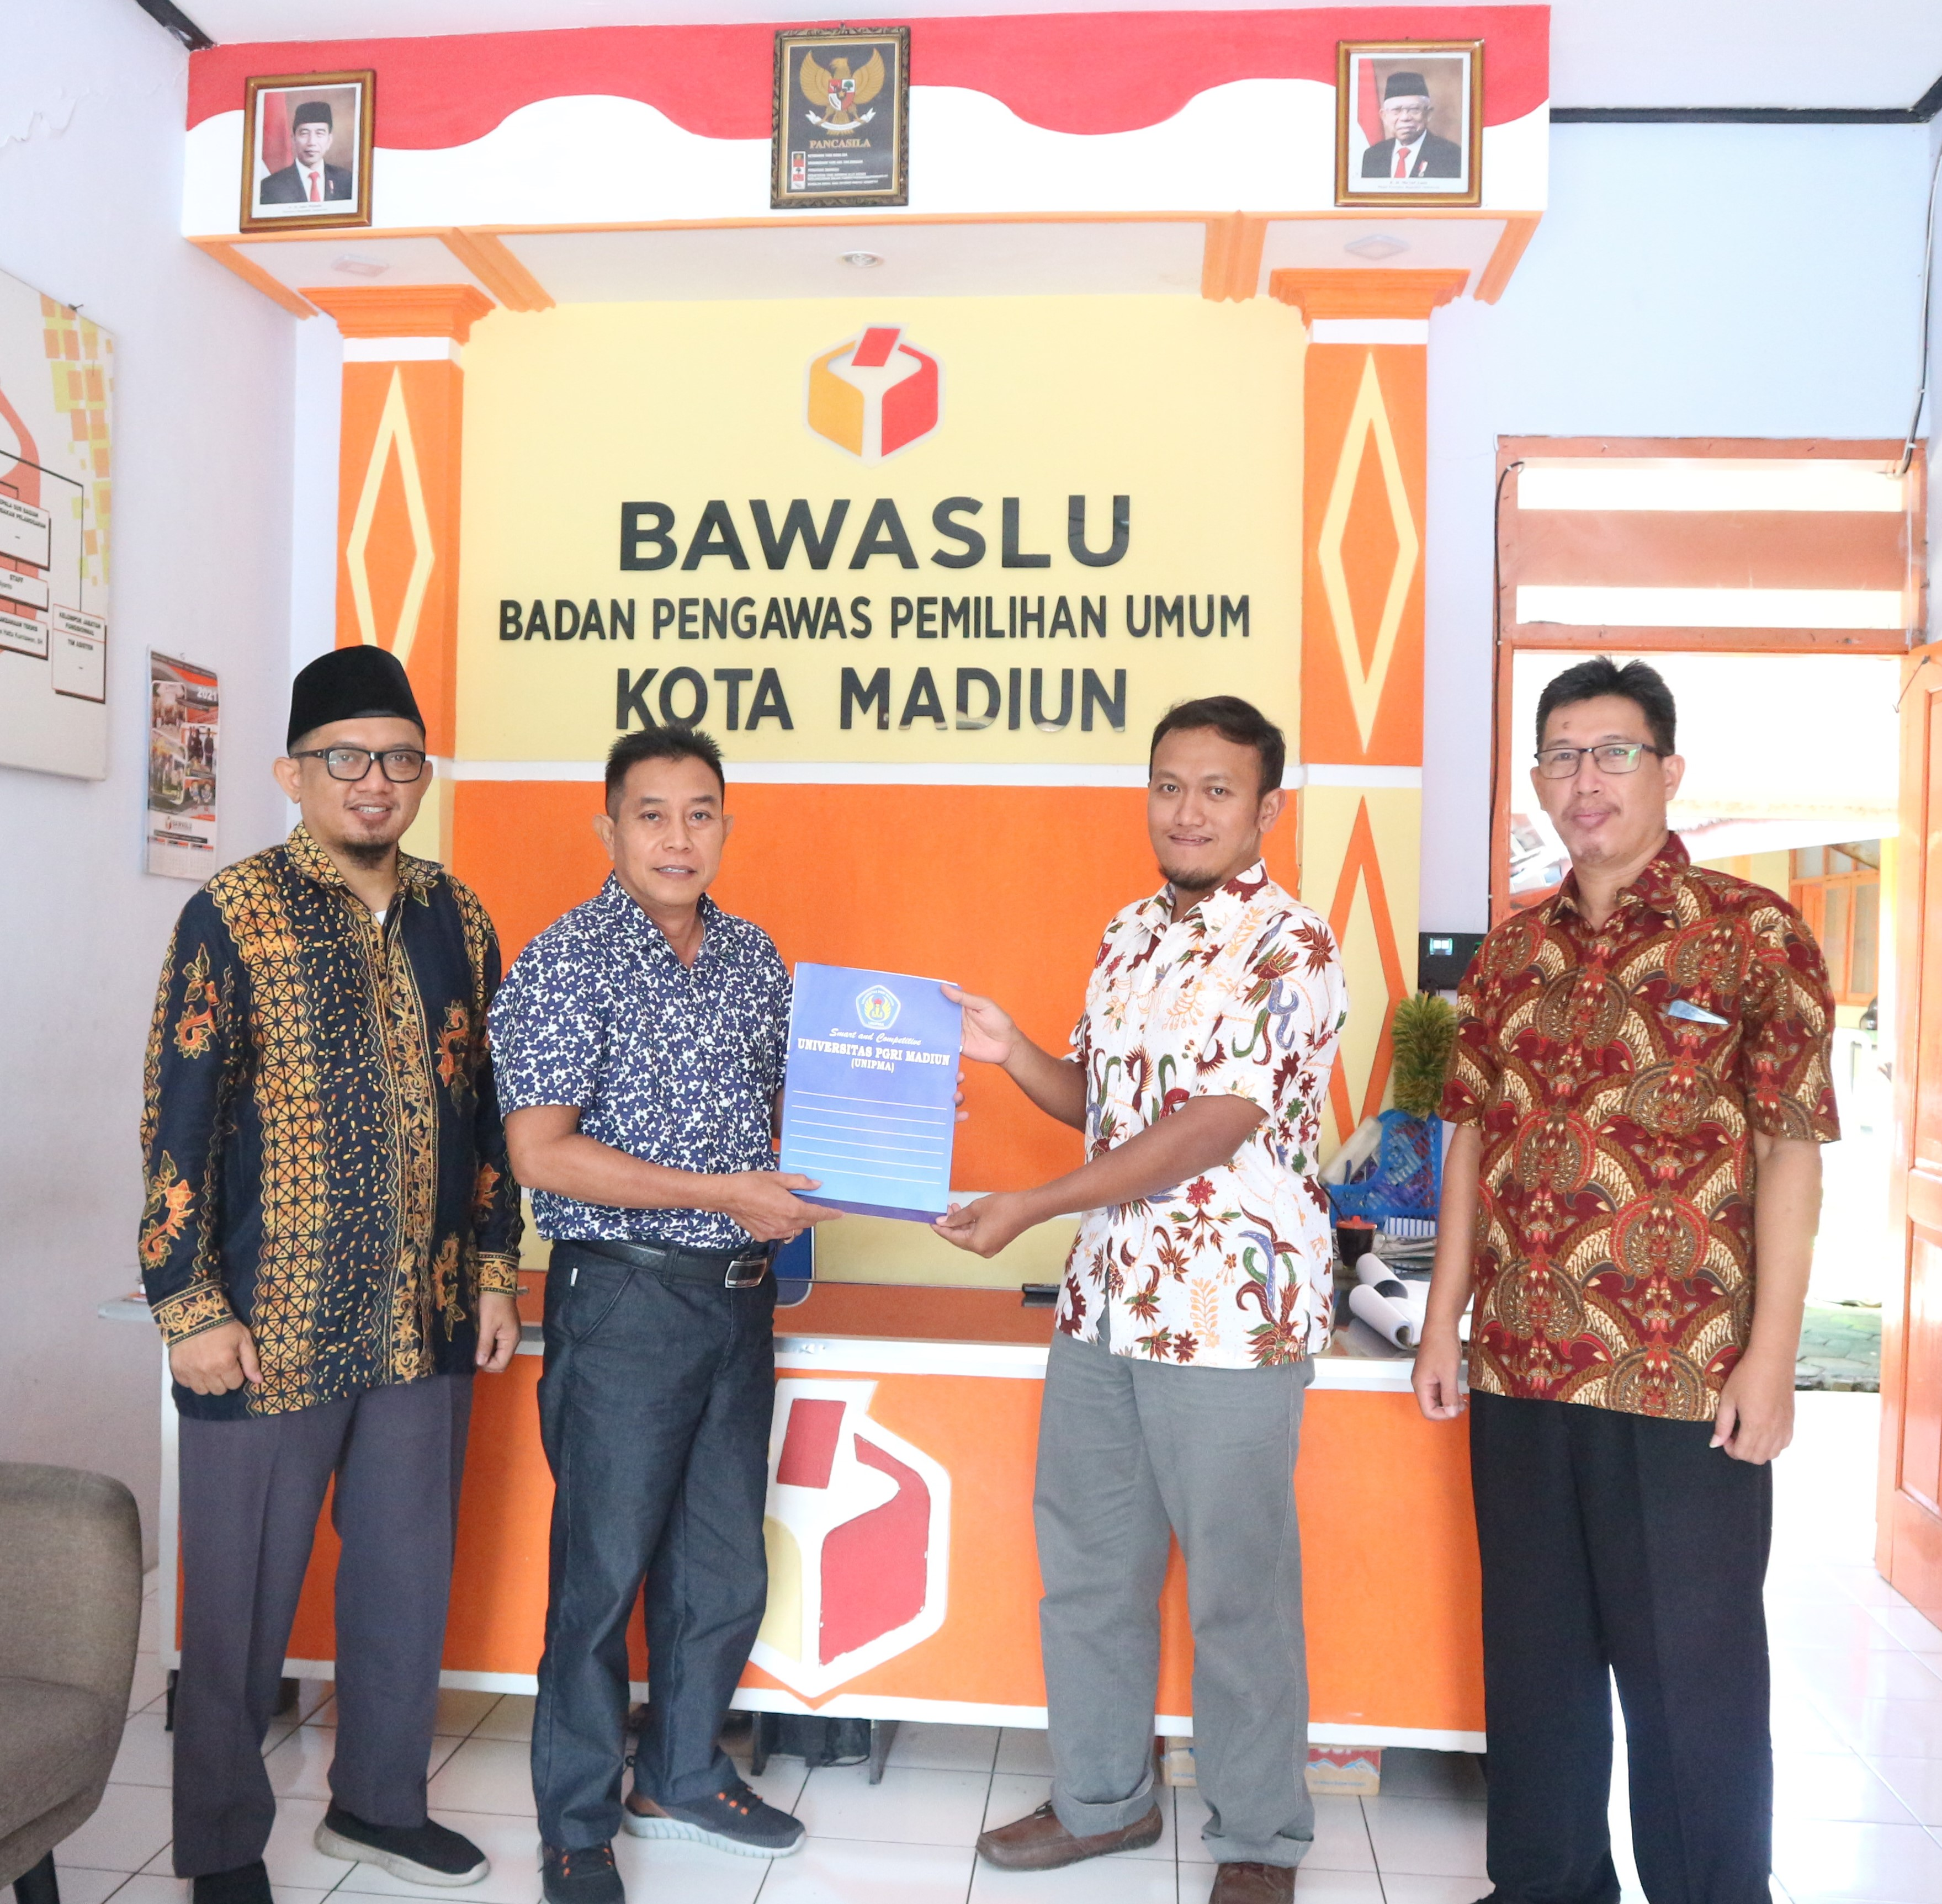 Penandatanganan MoU dan MoA antara Fakultas Hukum Prodi Hukum dengan BAWASLU Kota Madiun.